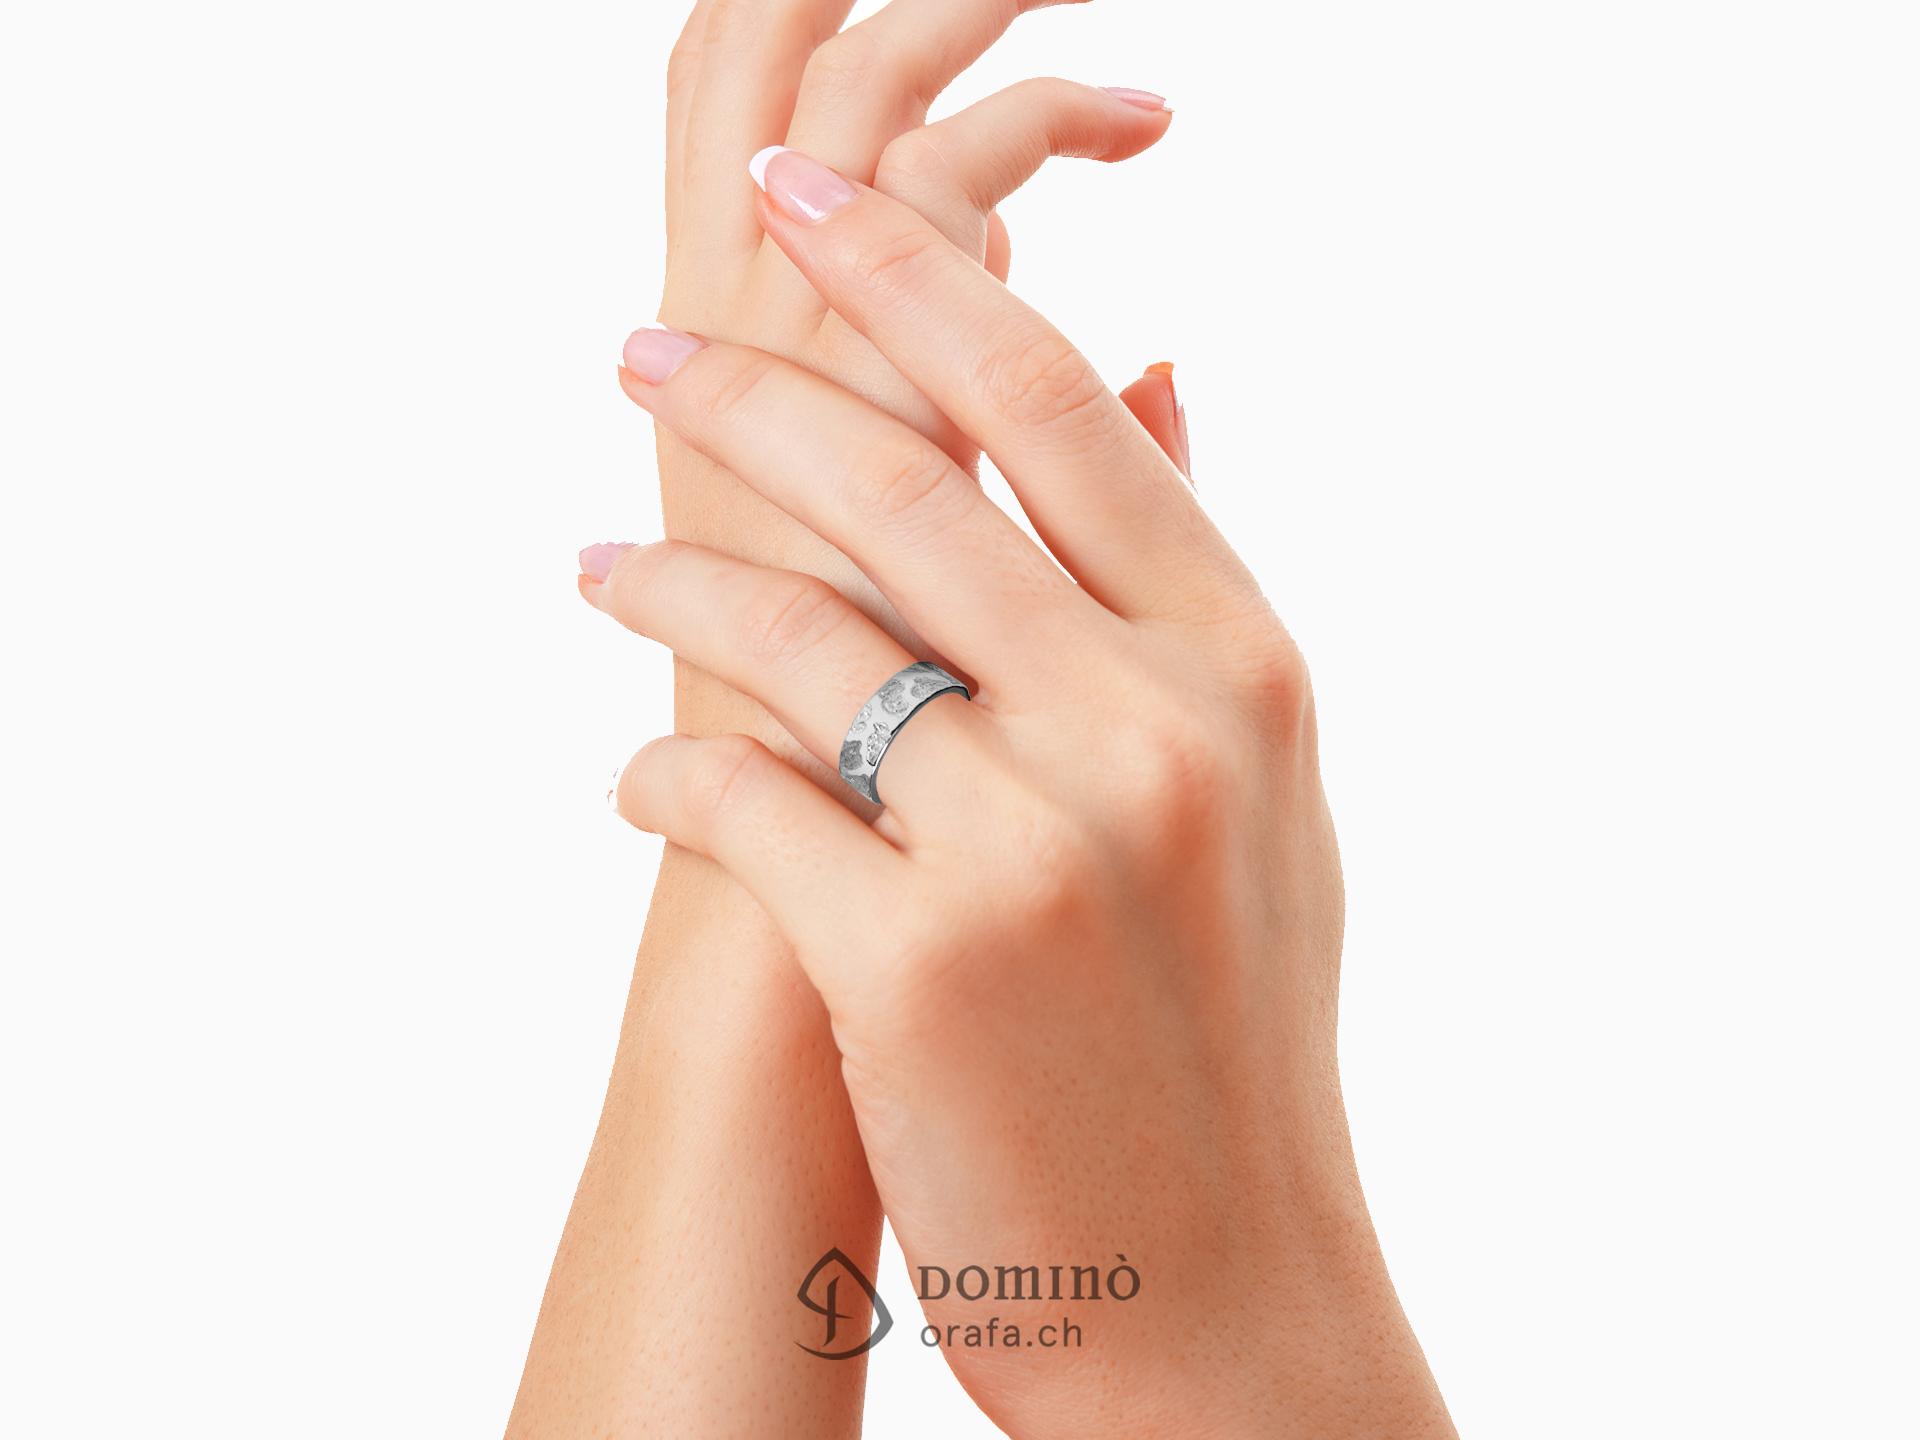 anelli-corteccia-lucido-irregolare-2